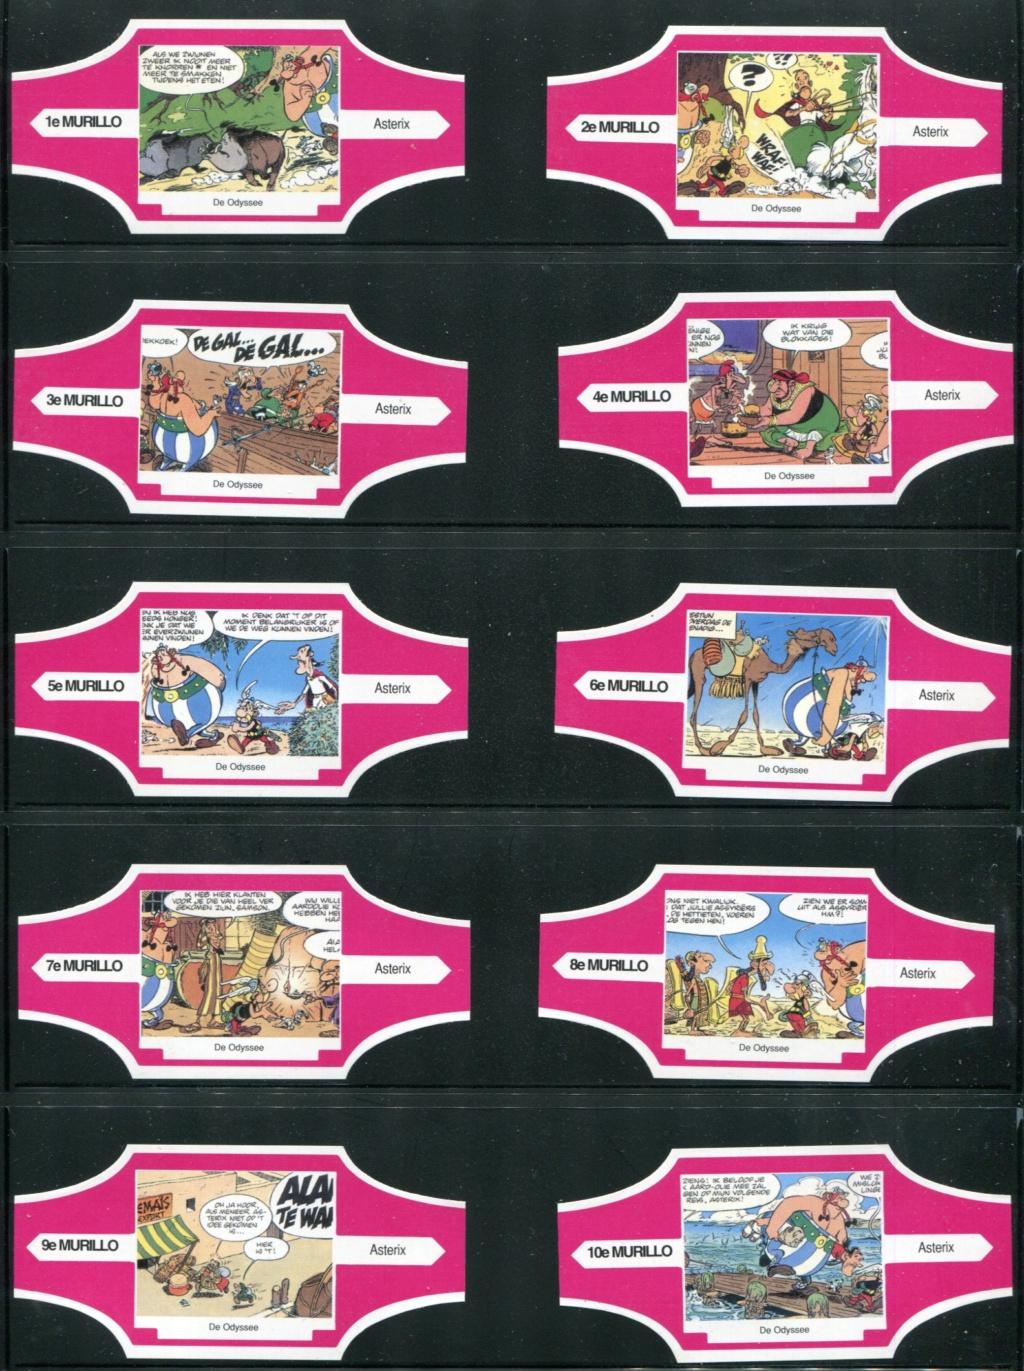 baguescigareGaulois37110  - Page 2 Szorie54